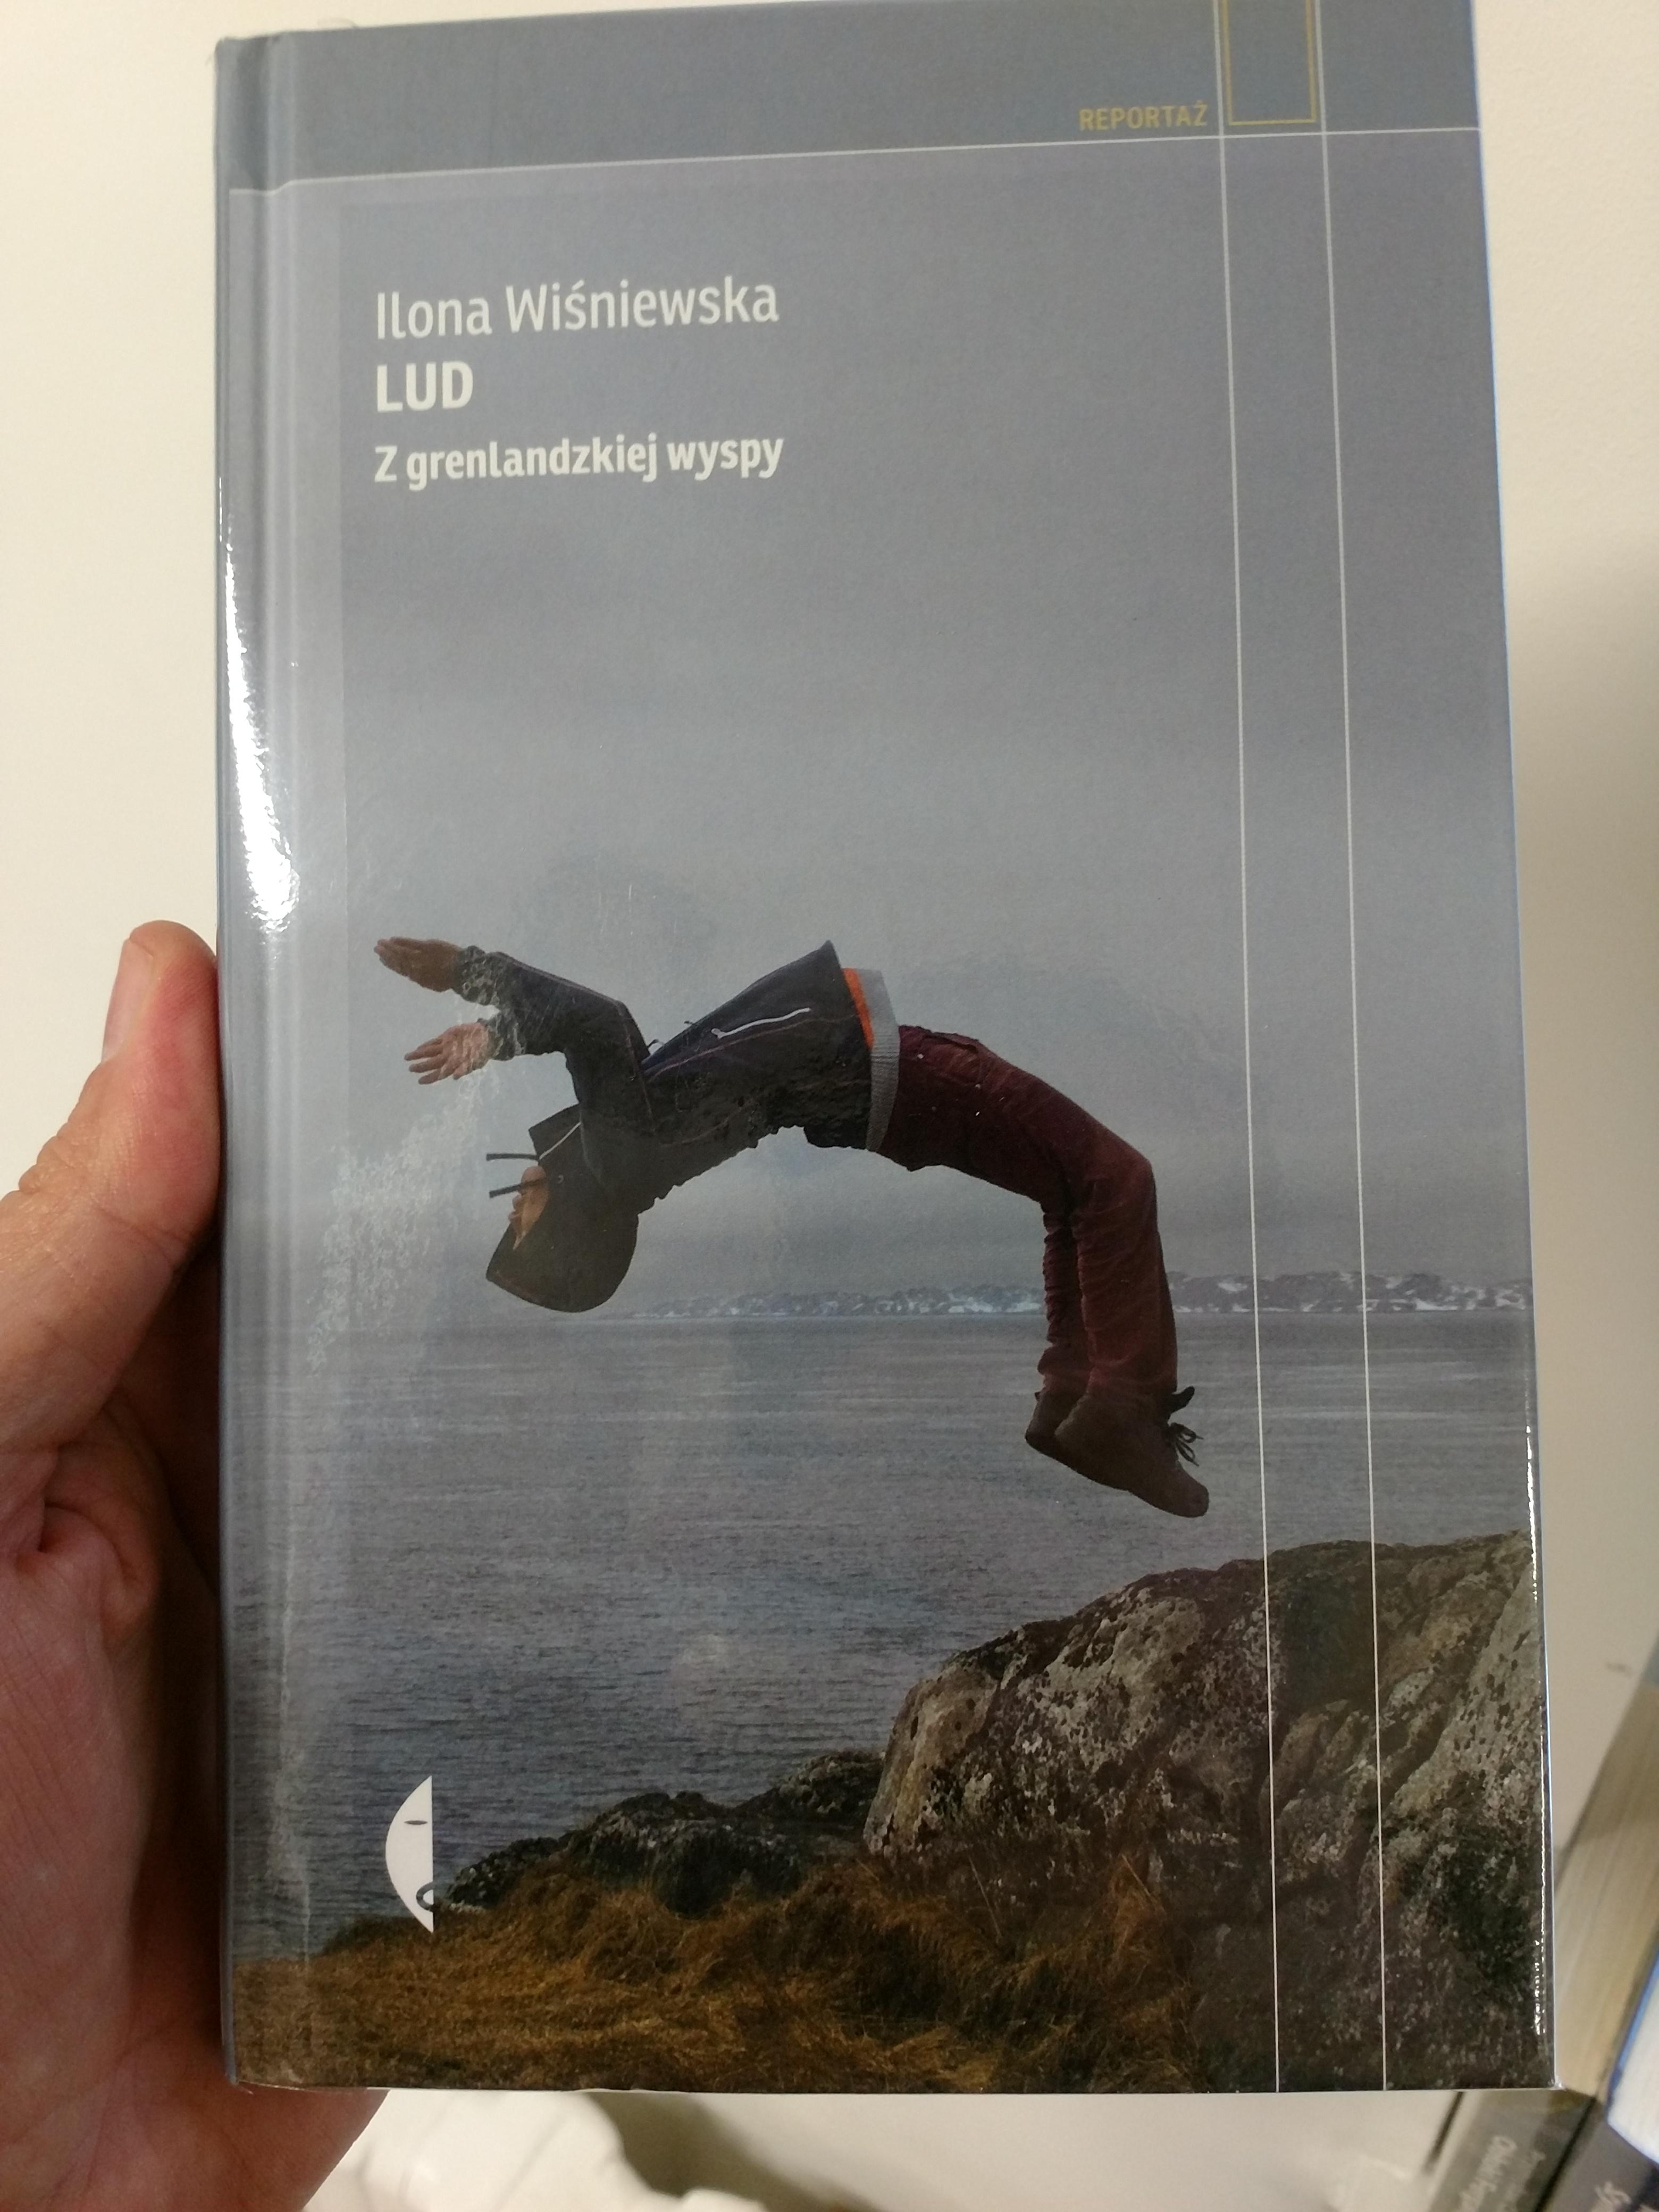 Lud - Ilona Wisniewska